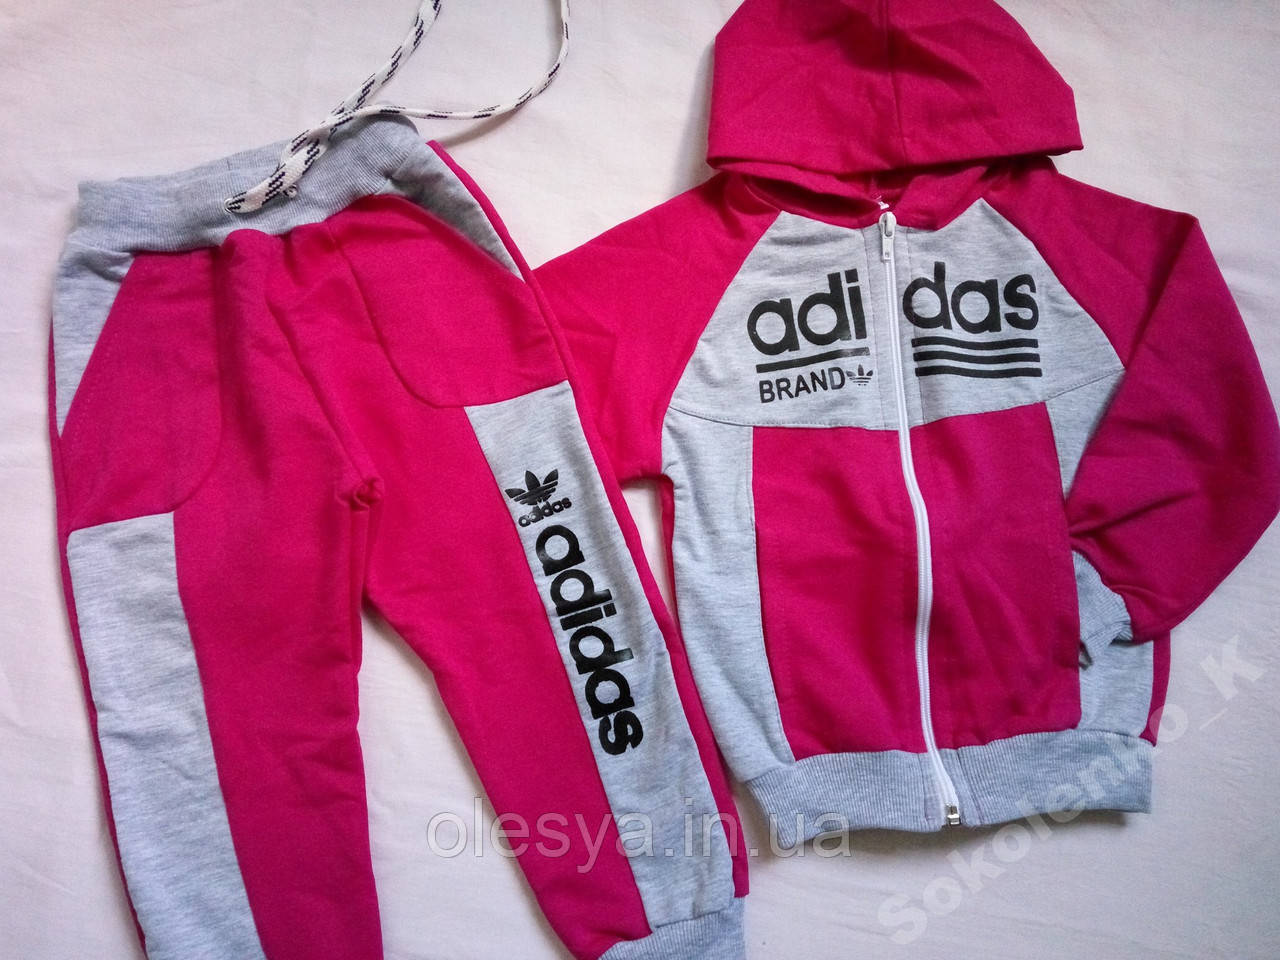 Спортивный костюм Adidas на девочек размеры 98- 104 - Интернет - магазин  Олеся в Каменском 78c1ea01ad8